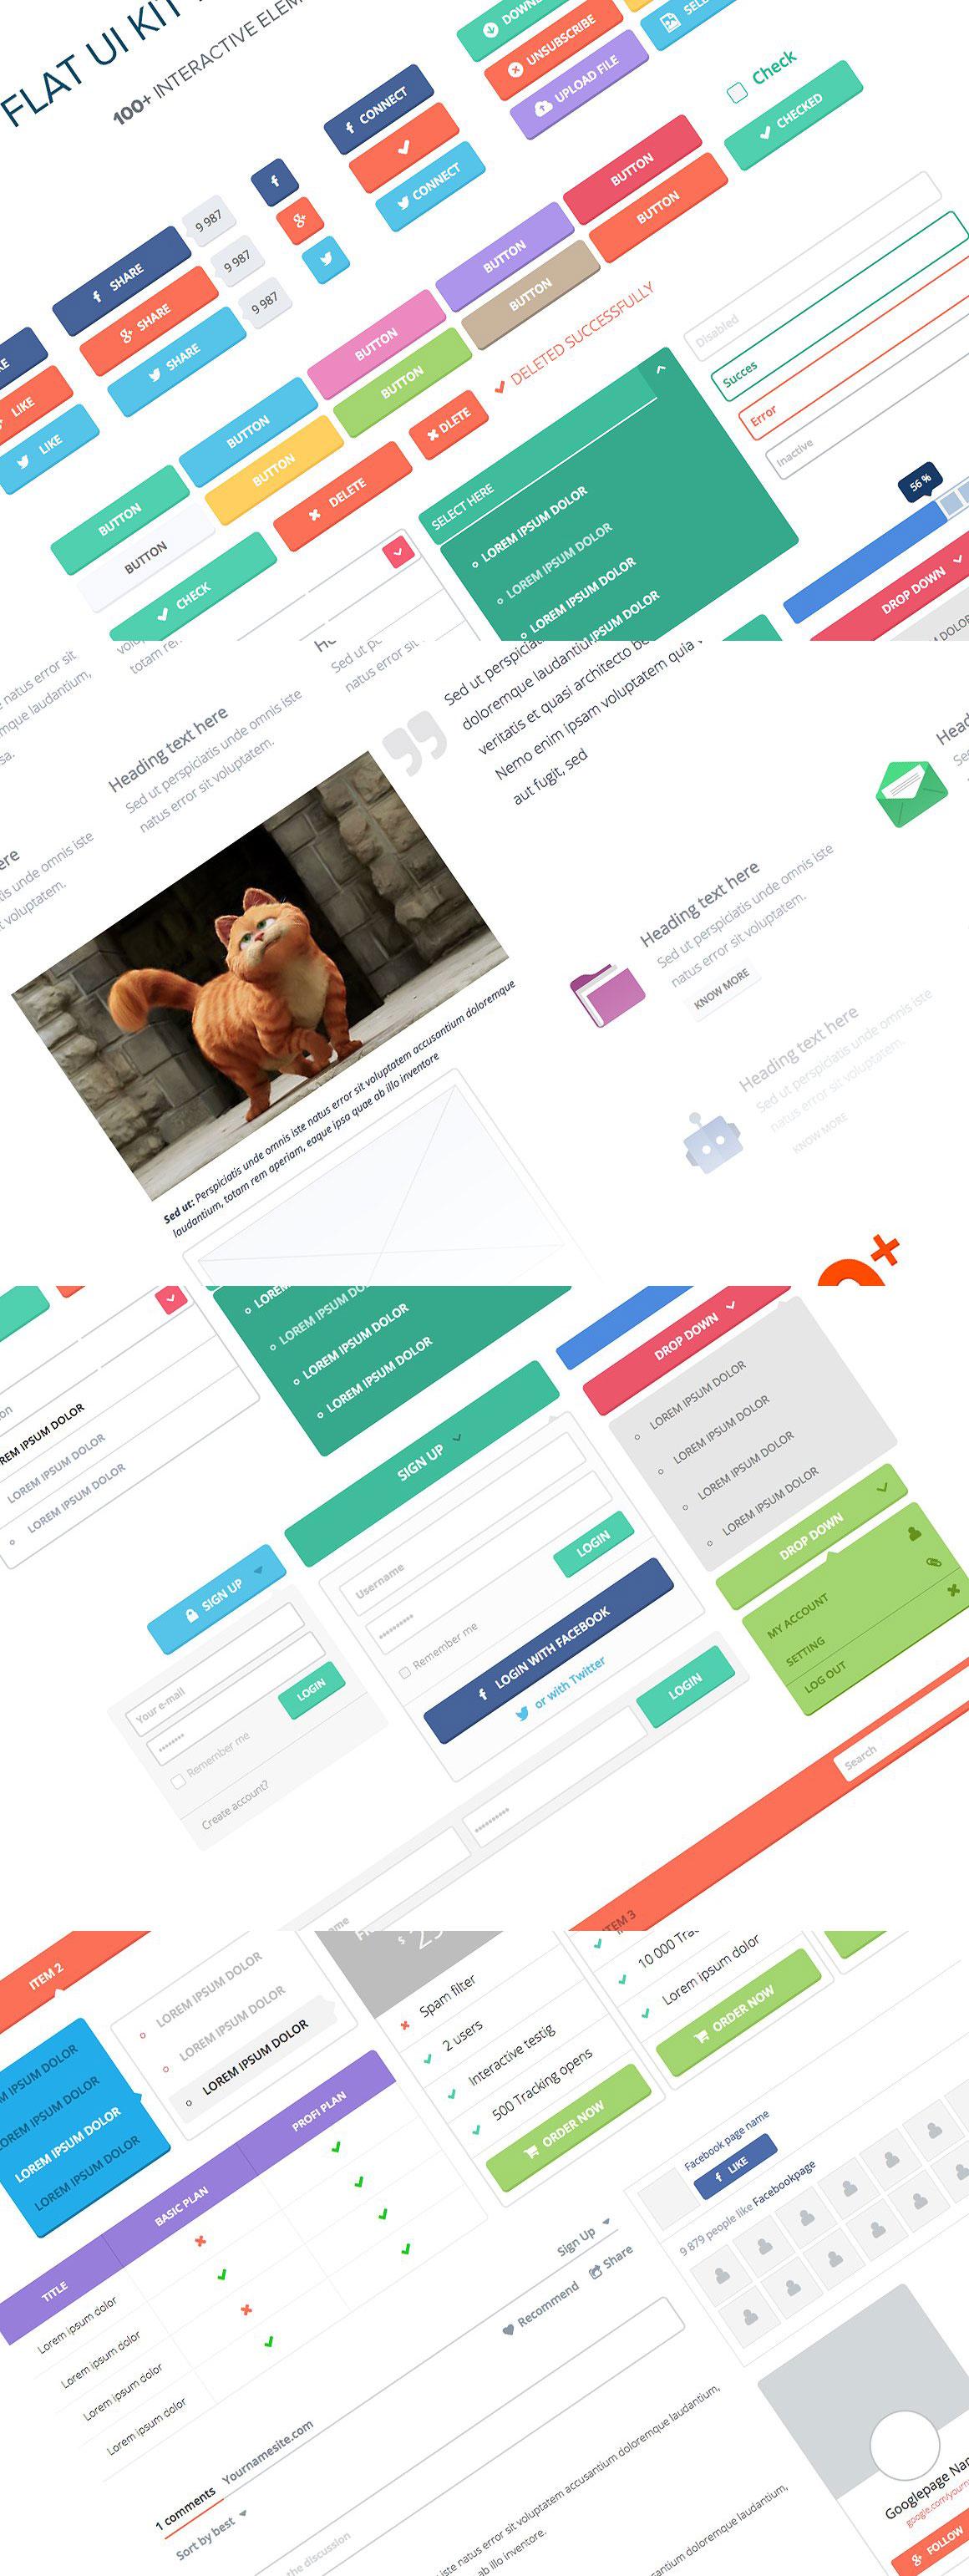 100种完美的Axure制作的扁平化WEB UI组件套装下载